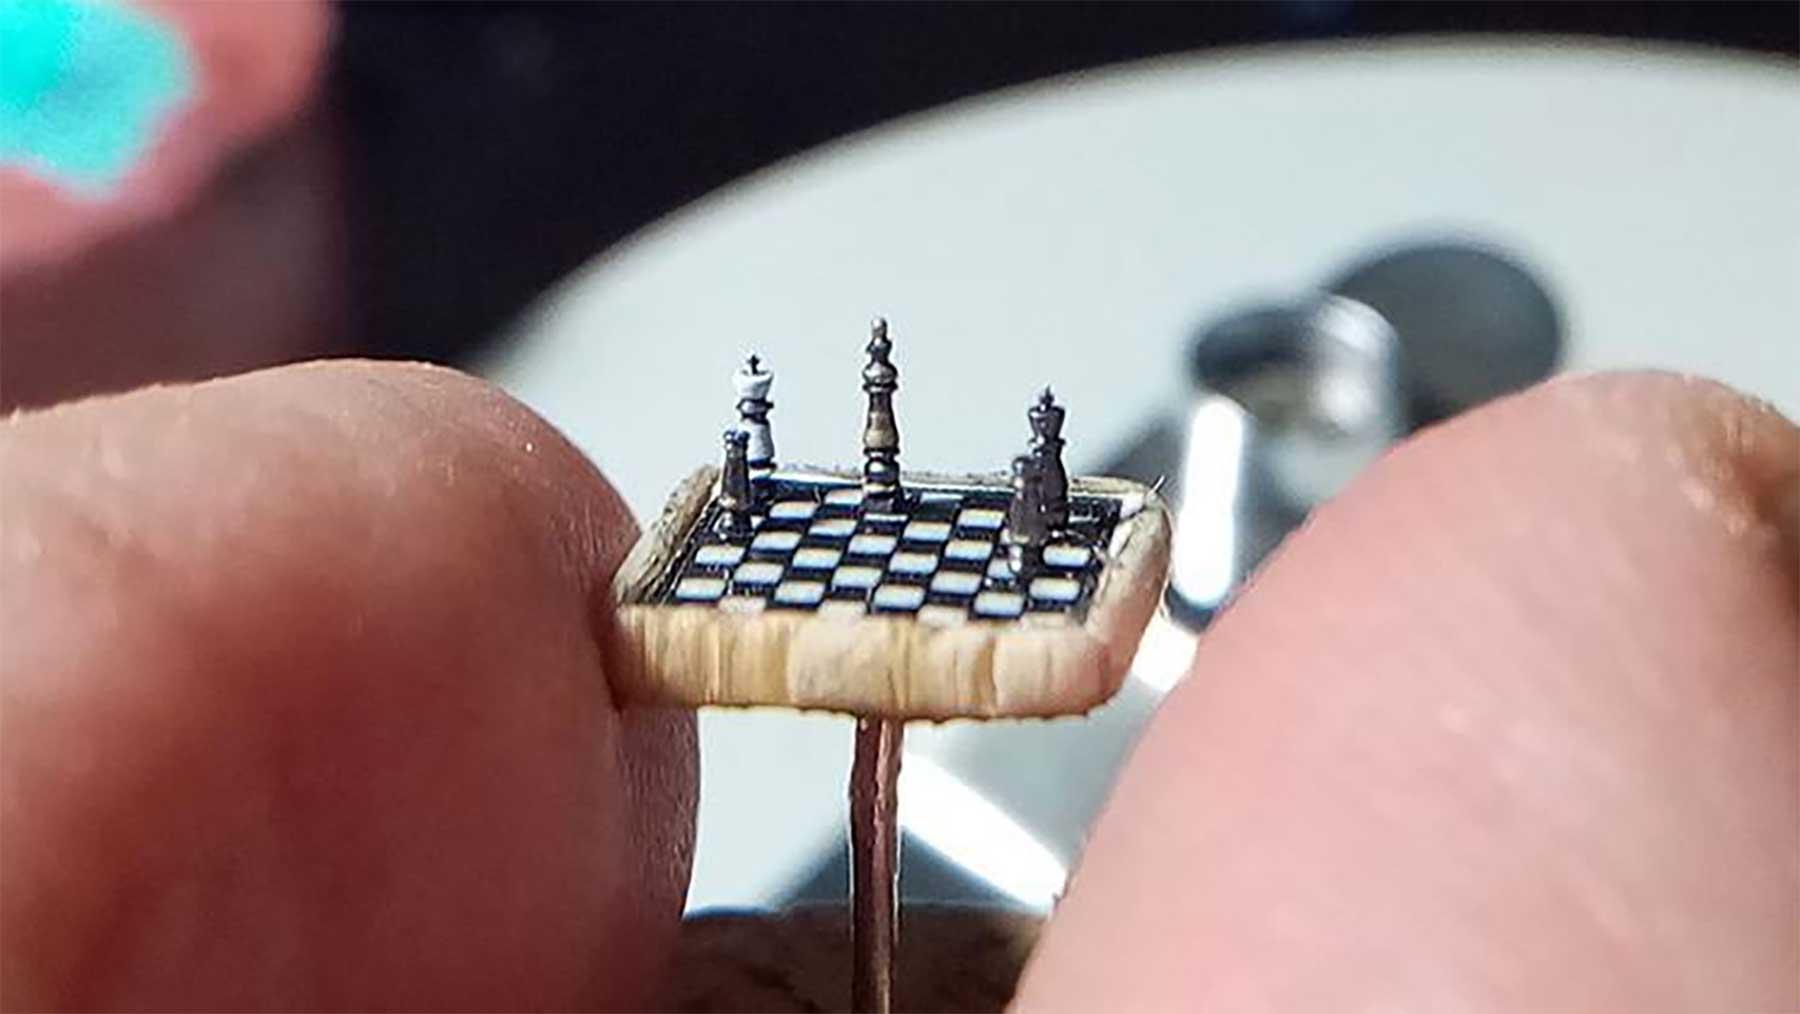 Das ist ein Brett: Kleinstes Schachspiel der Welt